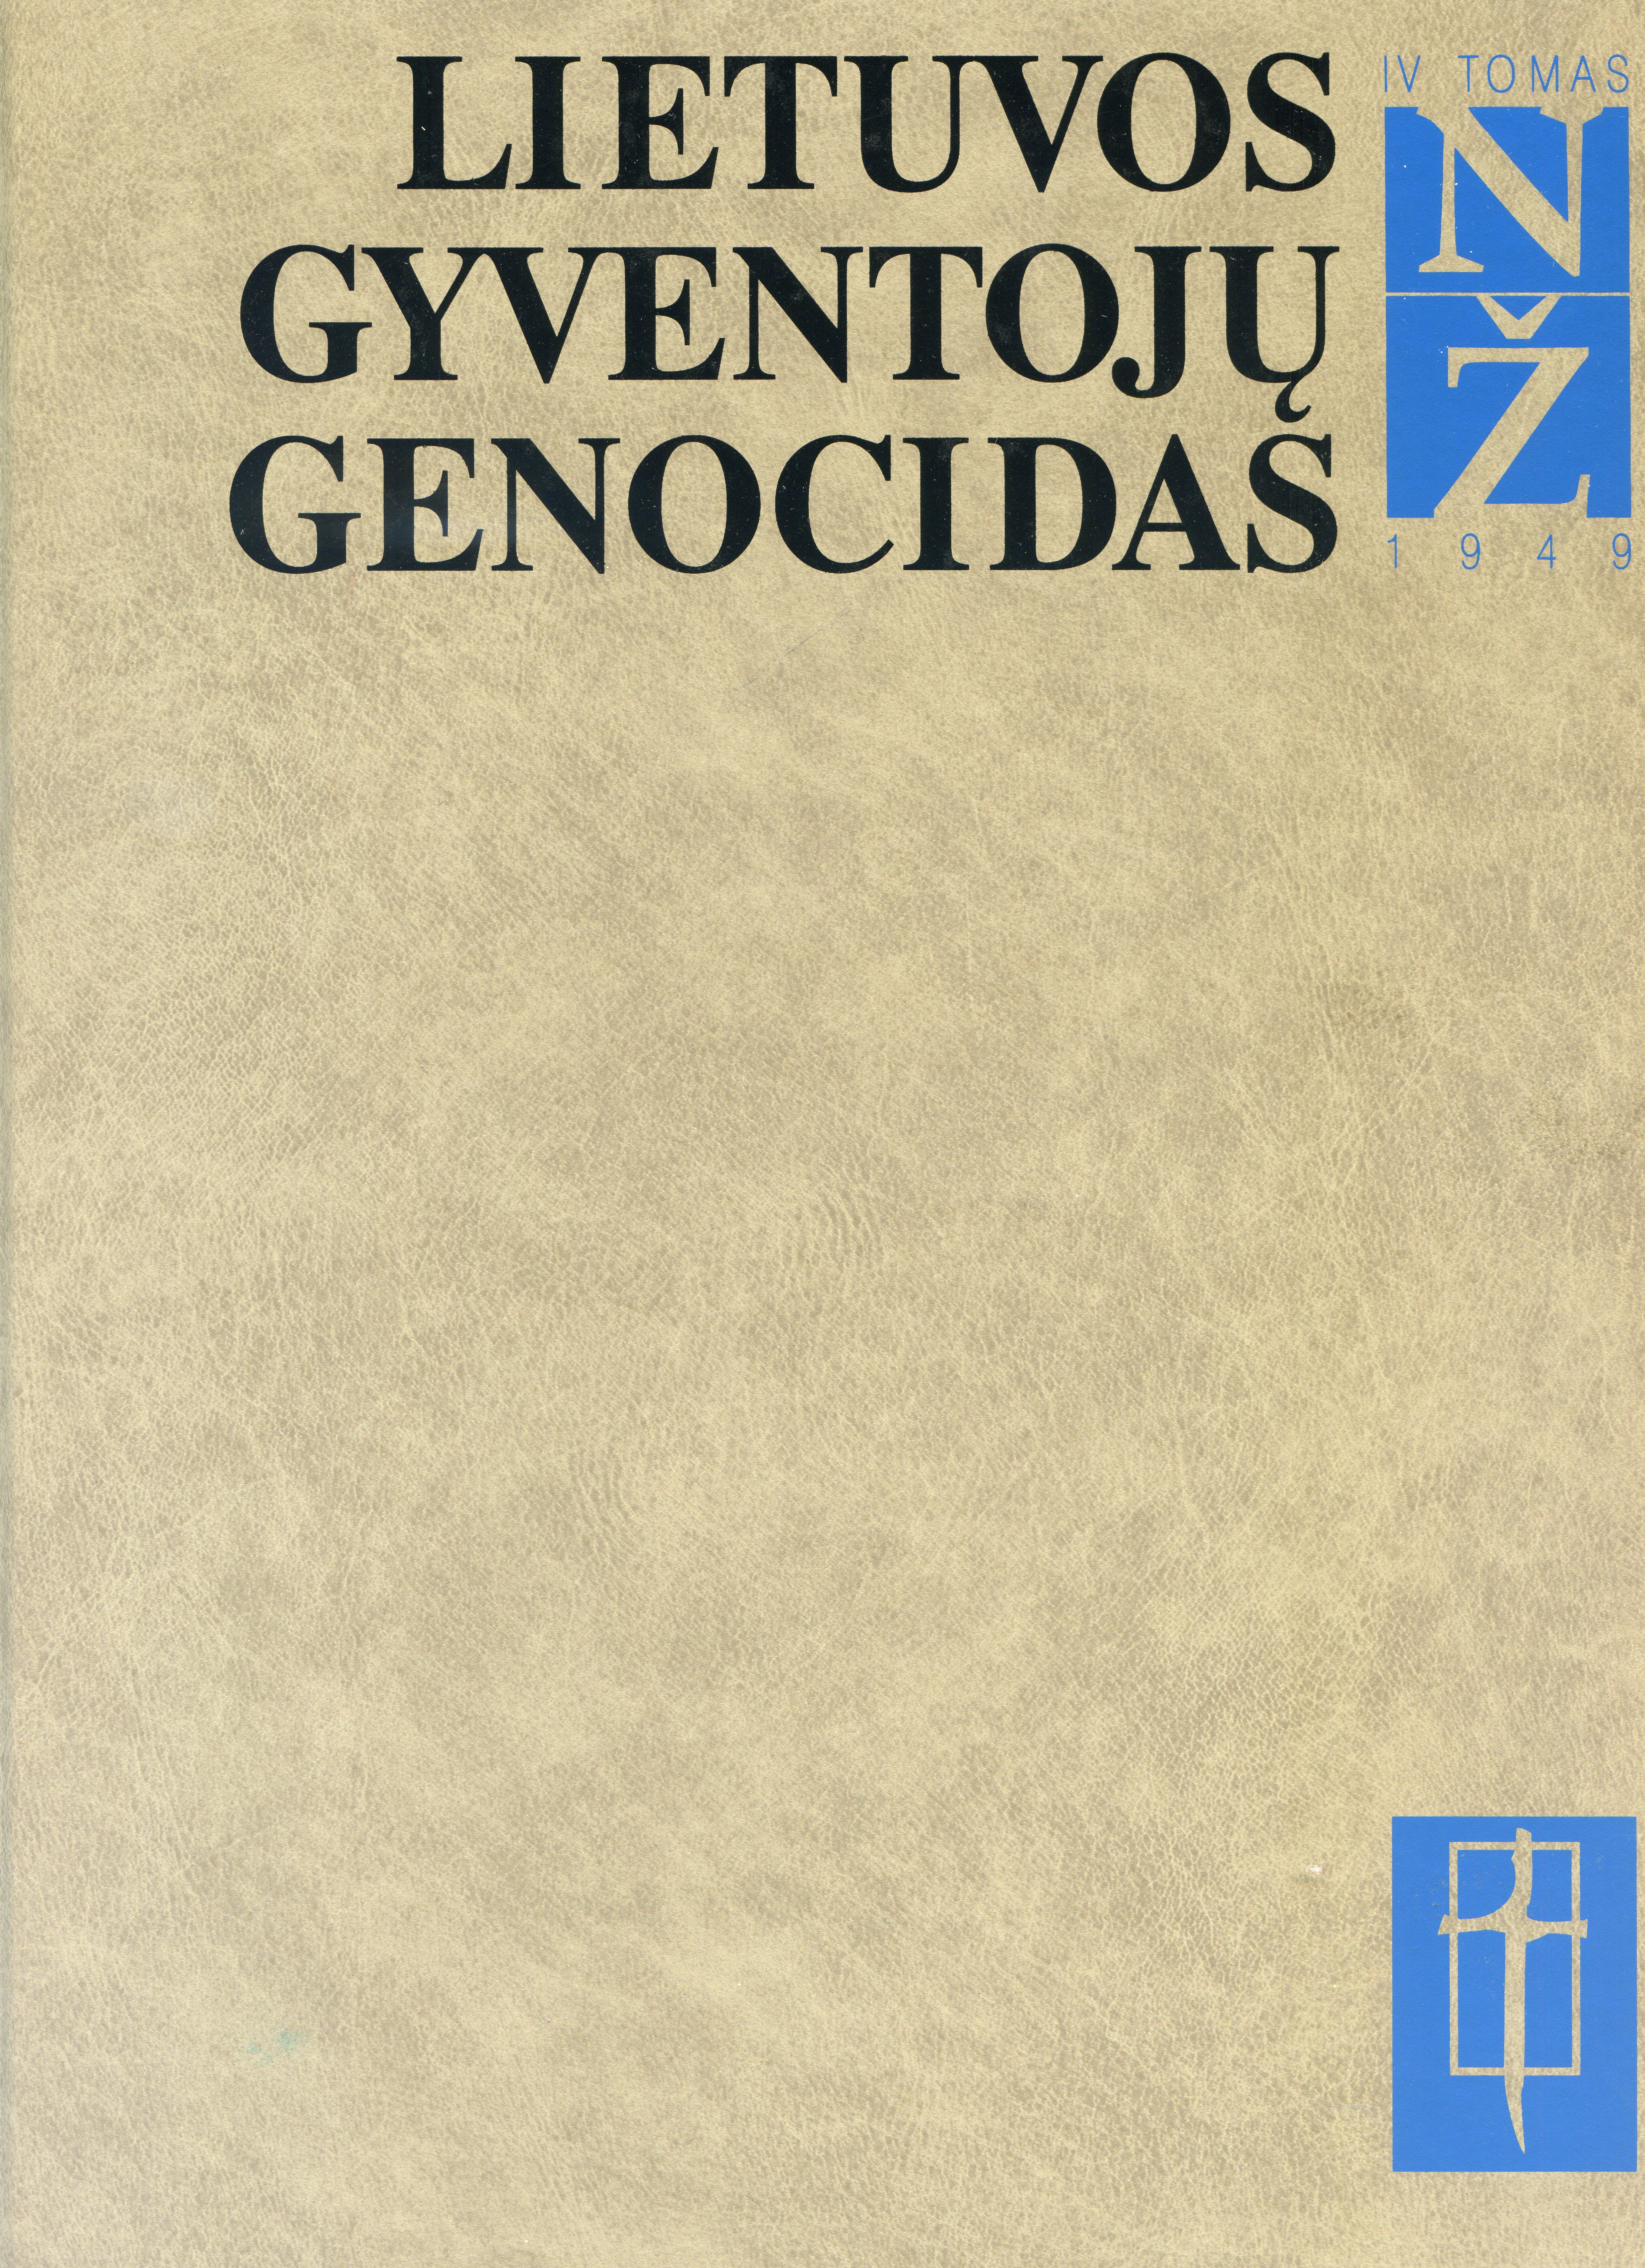 Lietuvos gyventoju genocidas